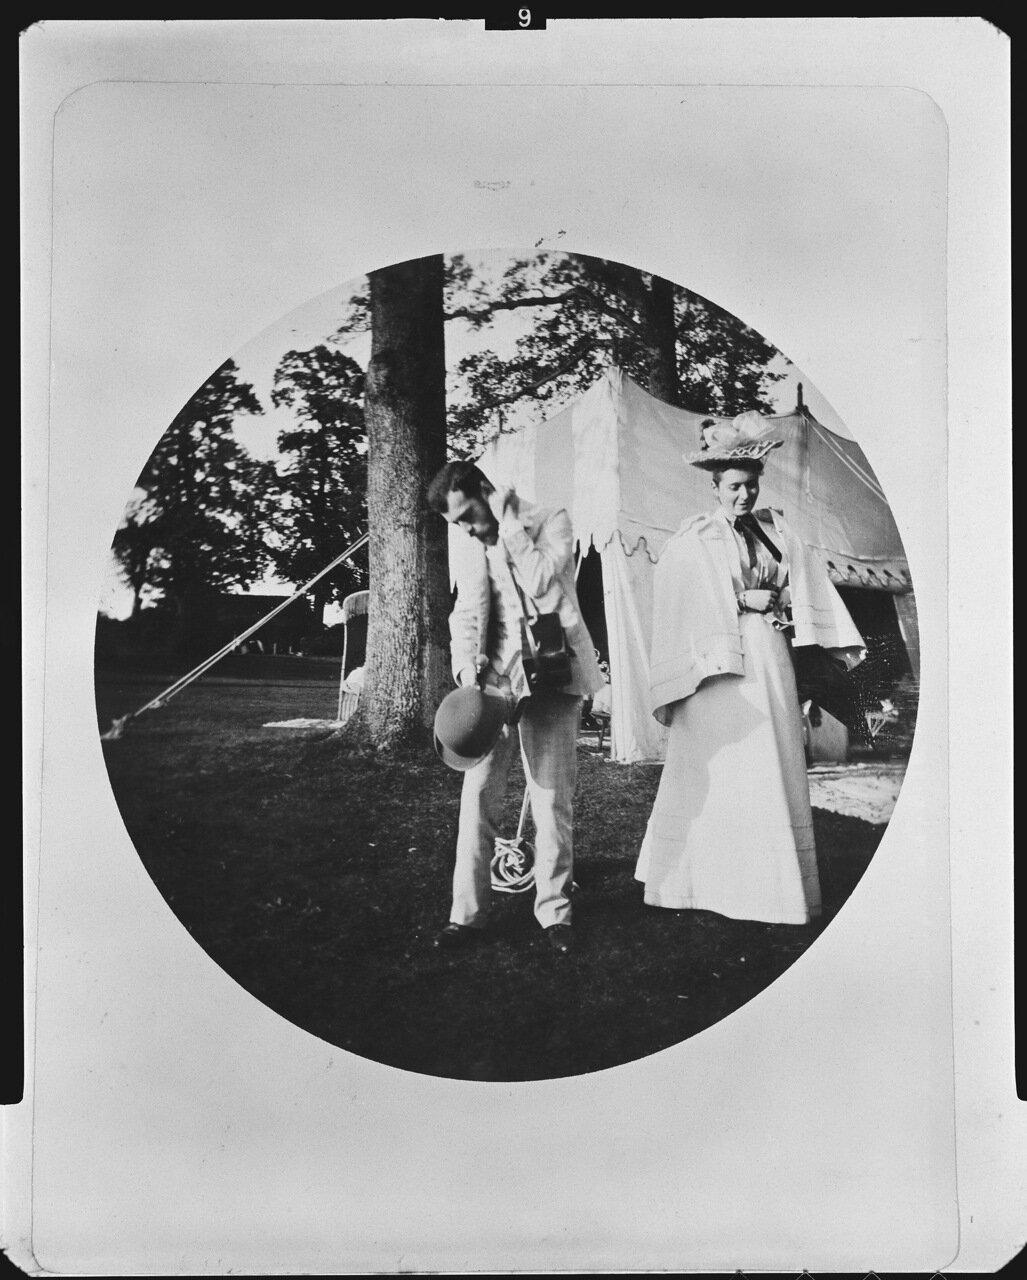 Цесаревич Николай Александрович и принцесса Алиса Гессенская (будущая Александра Федоровна), 1894 г.